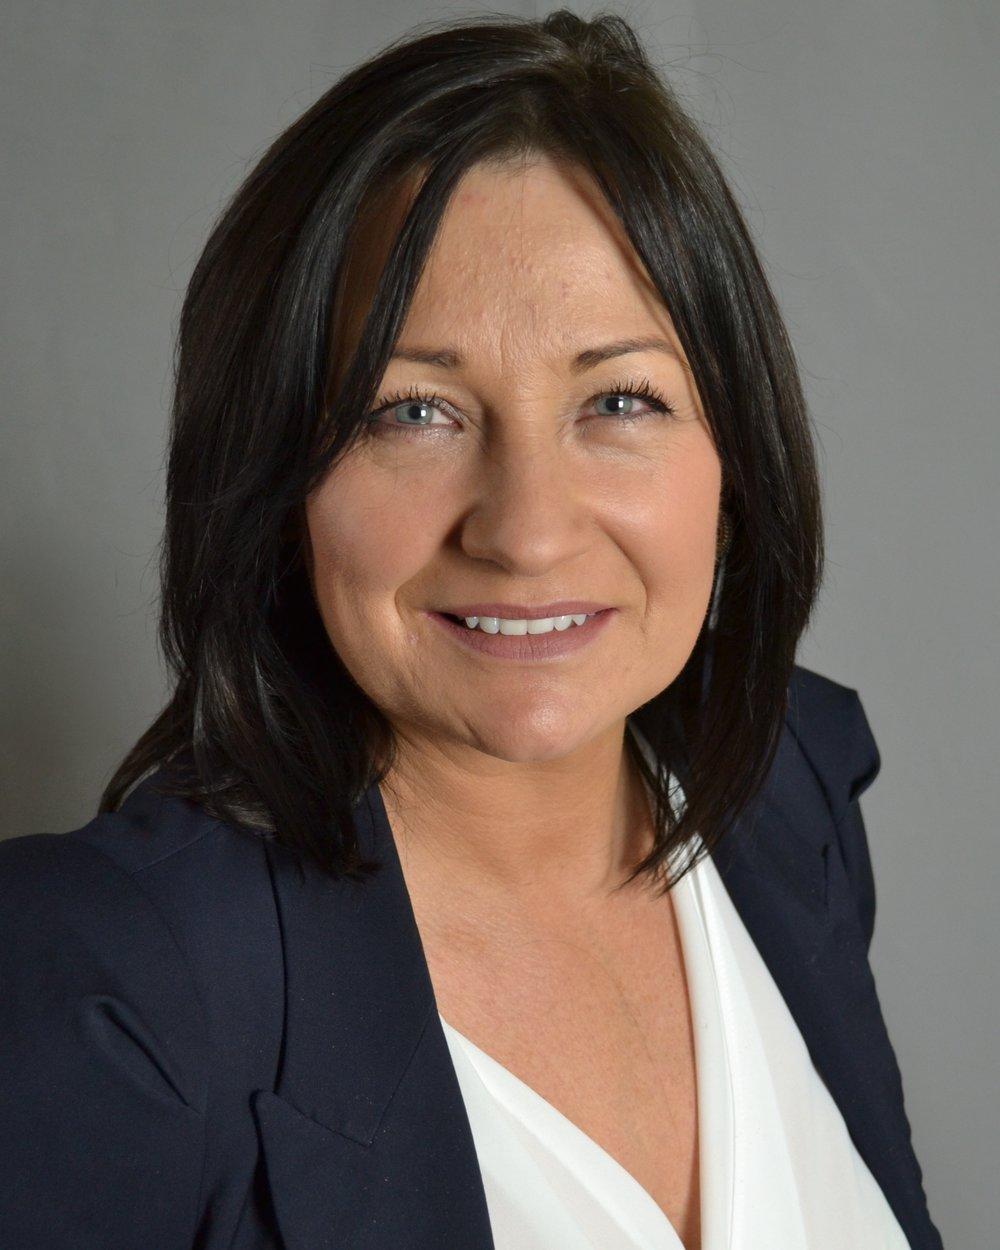 Julia Marban